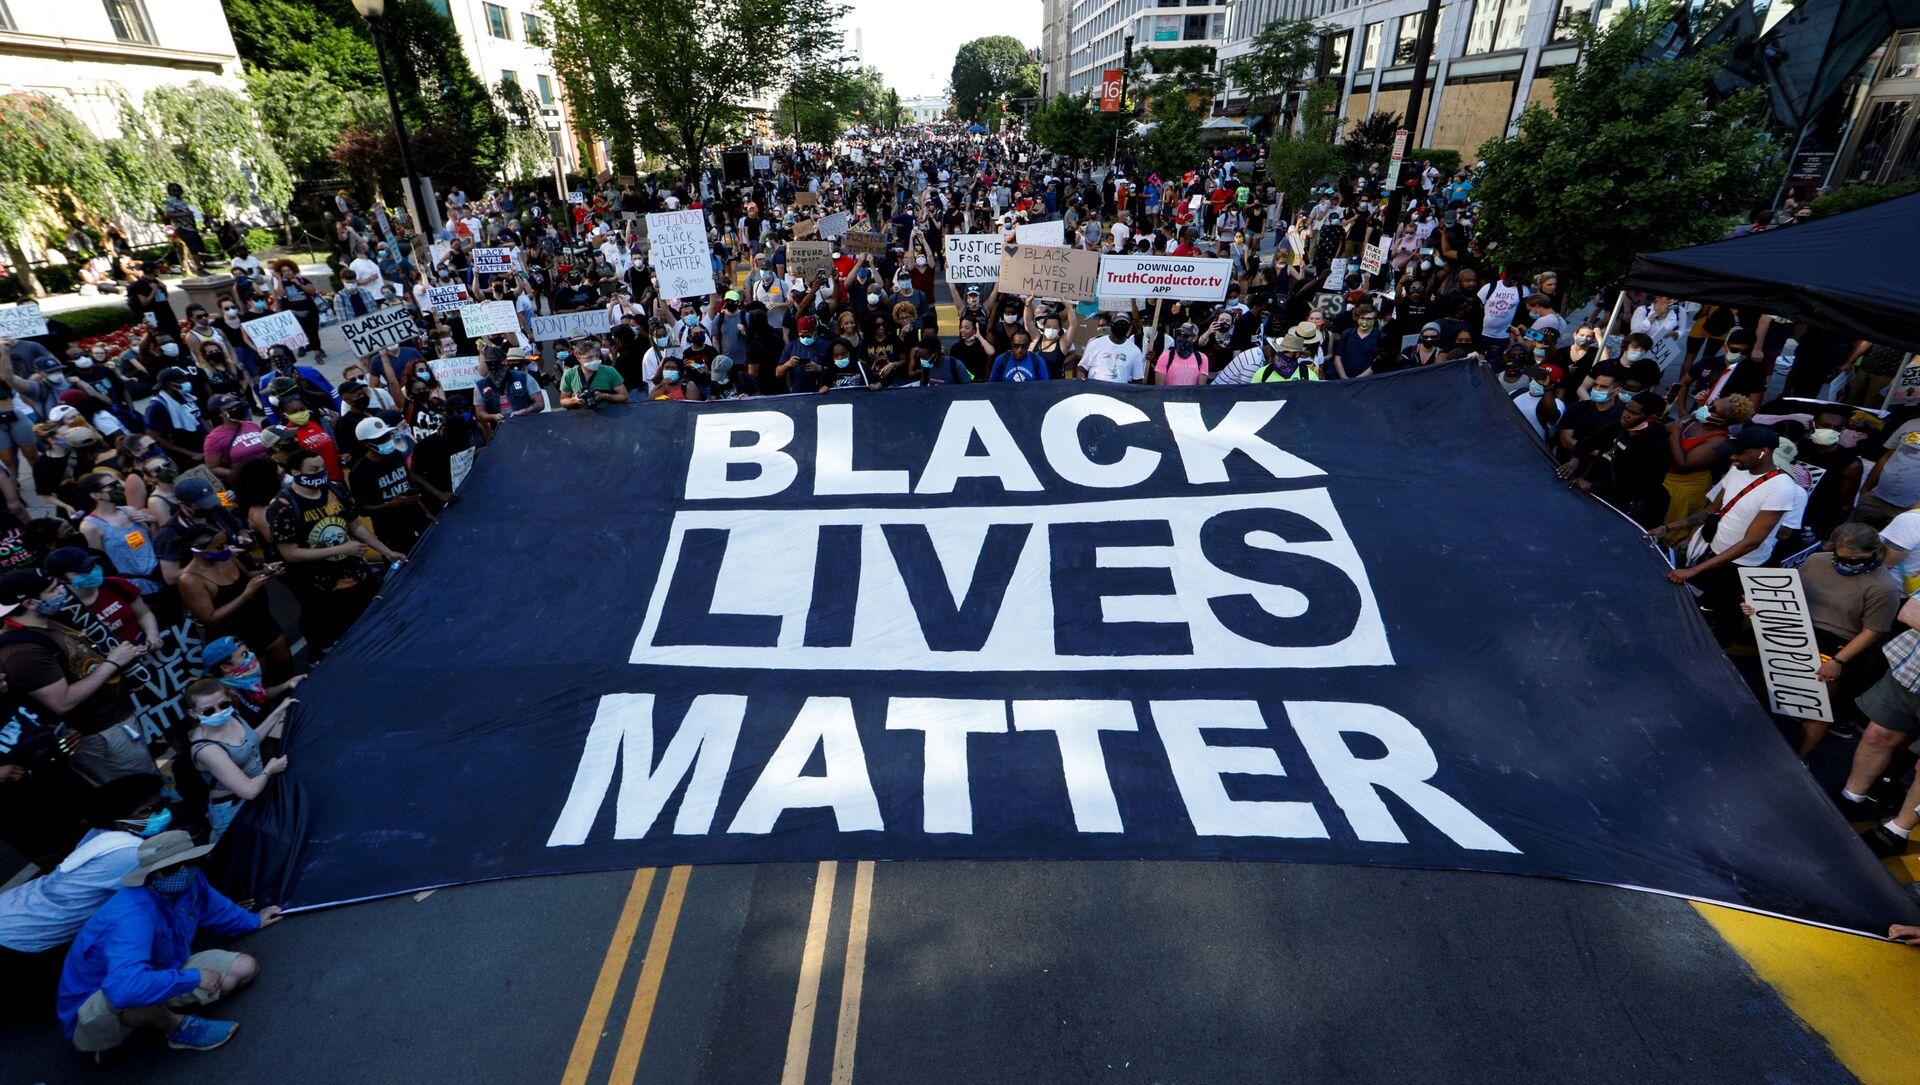 Marcha de protesta contra el racismo y la violencia policial en Washington, el 6 de junio de 2020 - Sputnik Mundo, 1920, 22.06.2020